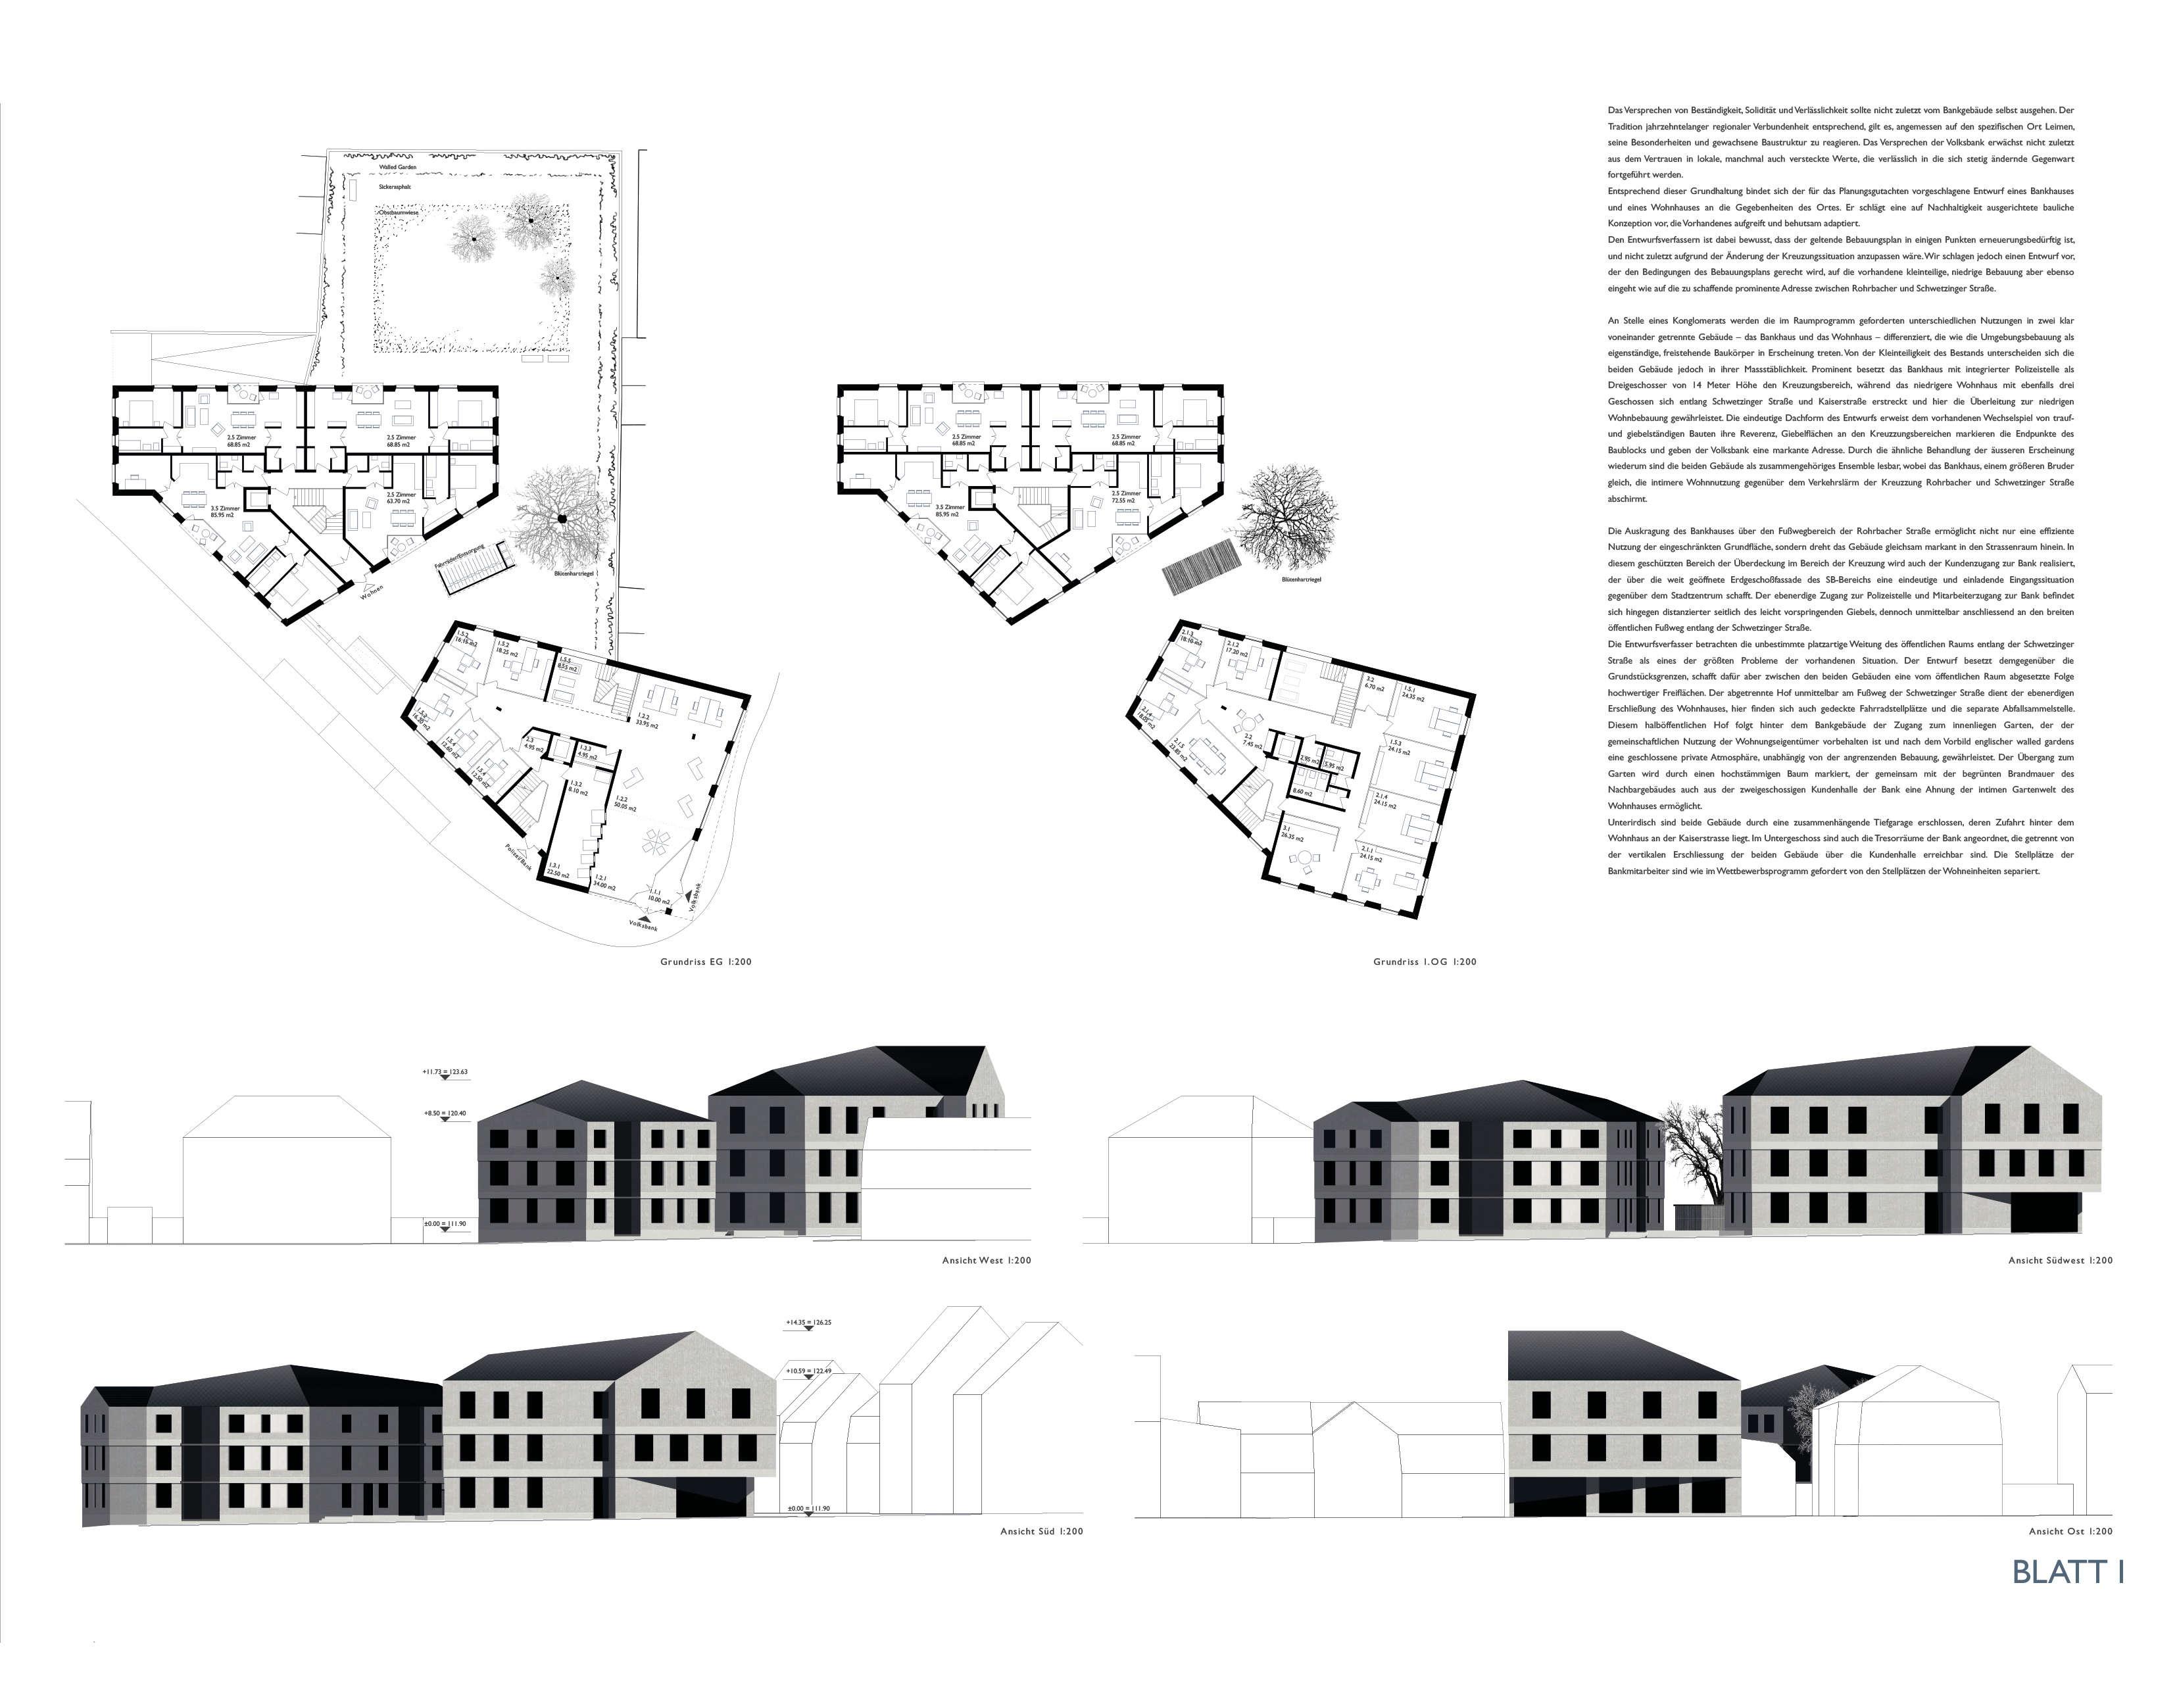 architektur und design wettbewerb voba. Black Bedroom Furniture Sets. Home Design Ideas